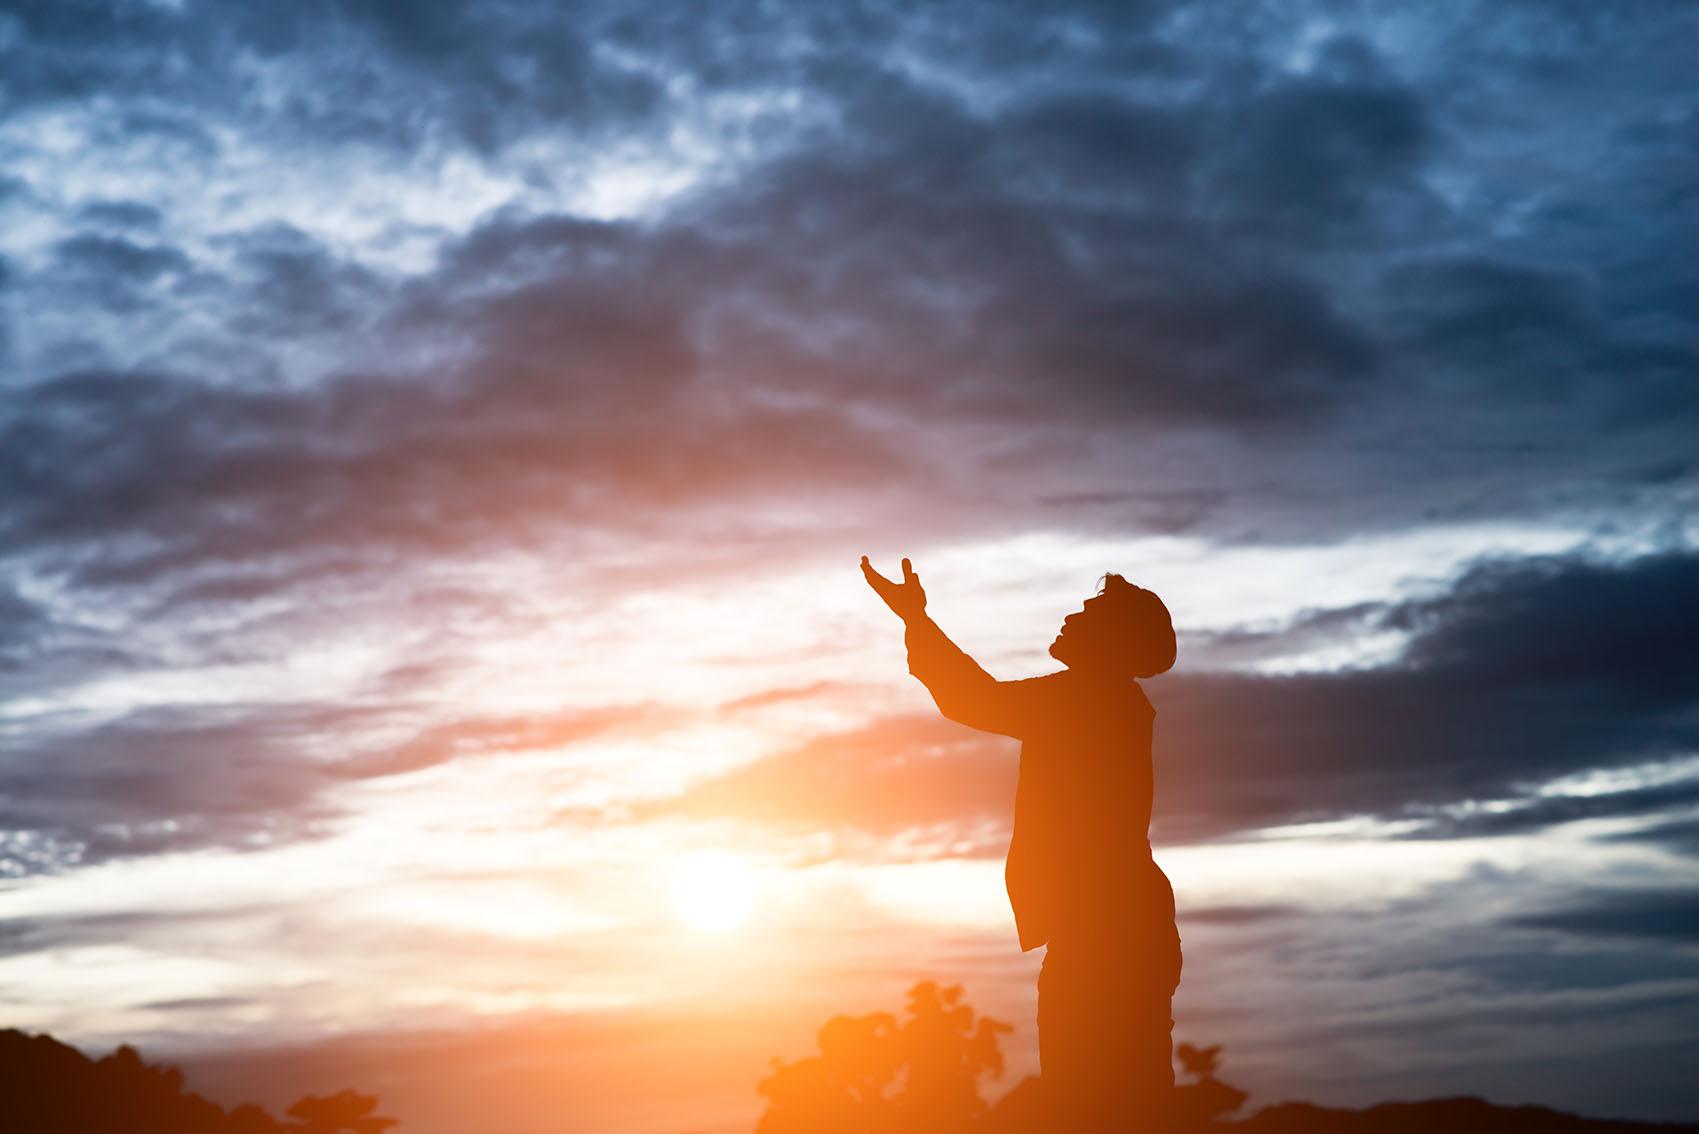 SAMOTA. STAV KONSTRUKTIVNÍ NEBO DESTRUKTIVNÍ?